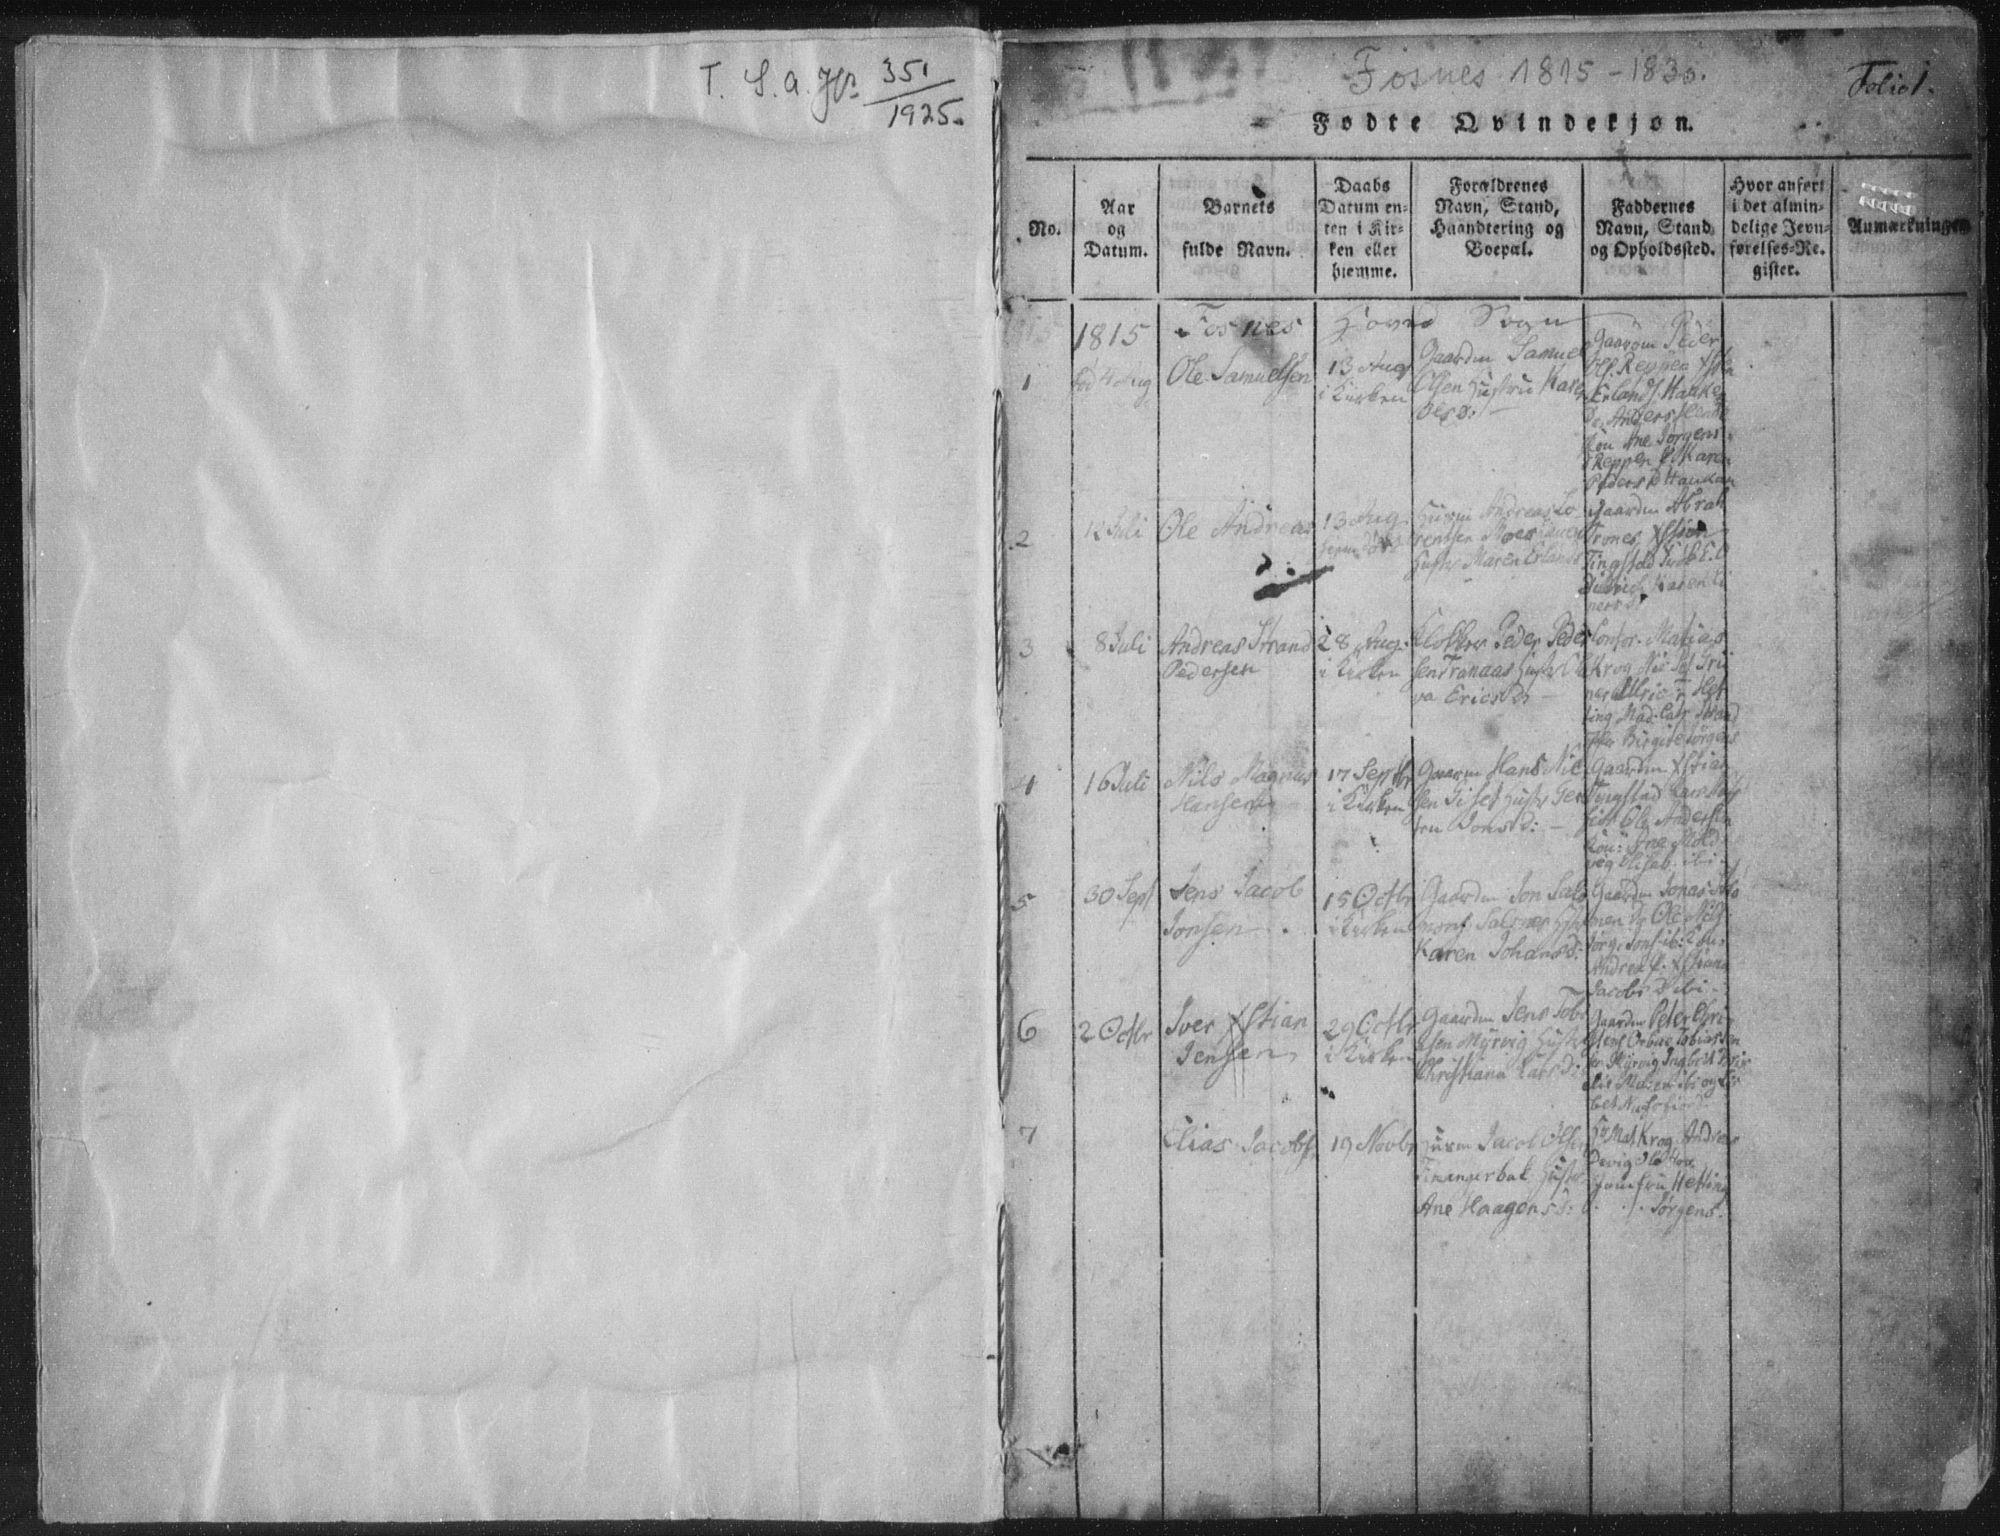 SAT, Ministerialprotokoller, klokkerbøker og fødselsregistre - Nord-Trøndelag, 773/L0609: Ministerialbok nr. 773A03 /1, 1815-1830, s. 1